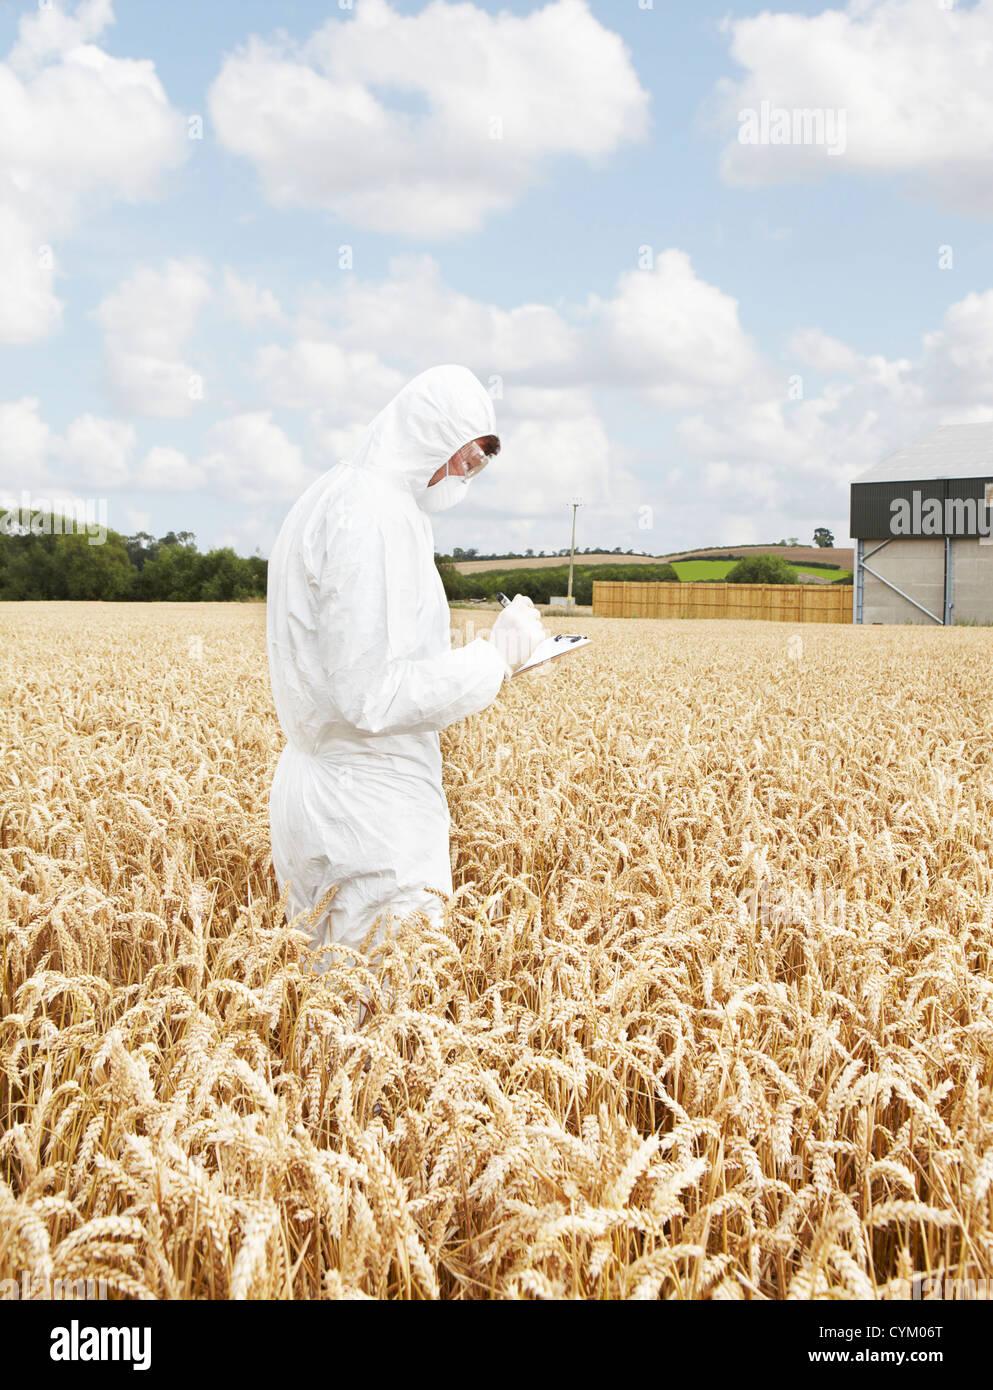 El examen científico de los granos en el campo de cultivo Imagen De Stock